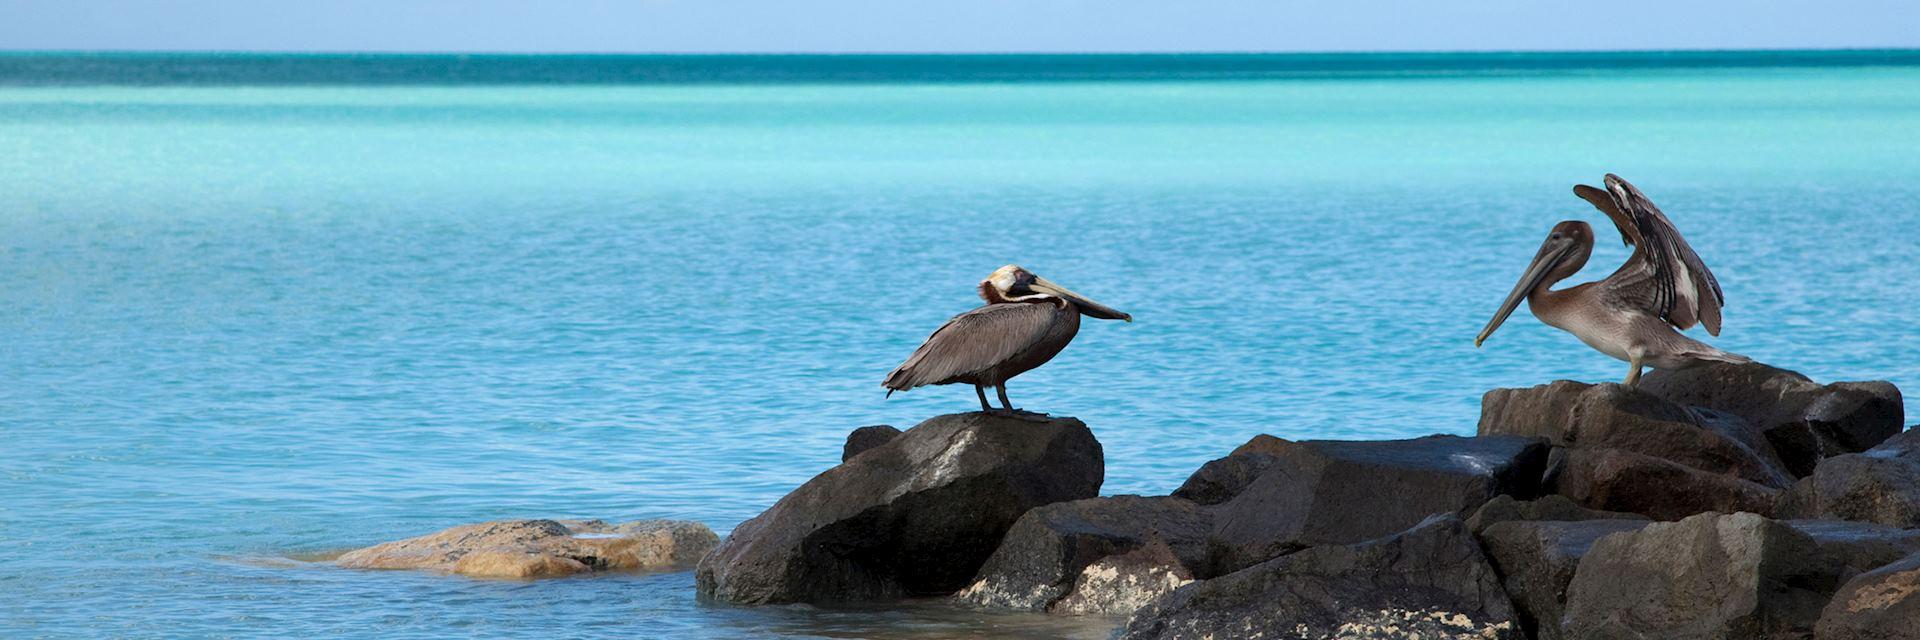 Pelicans on the coastline of Antigua